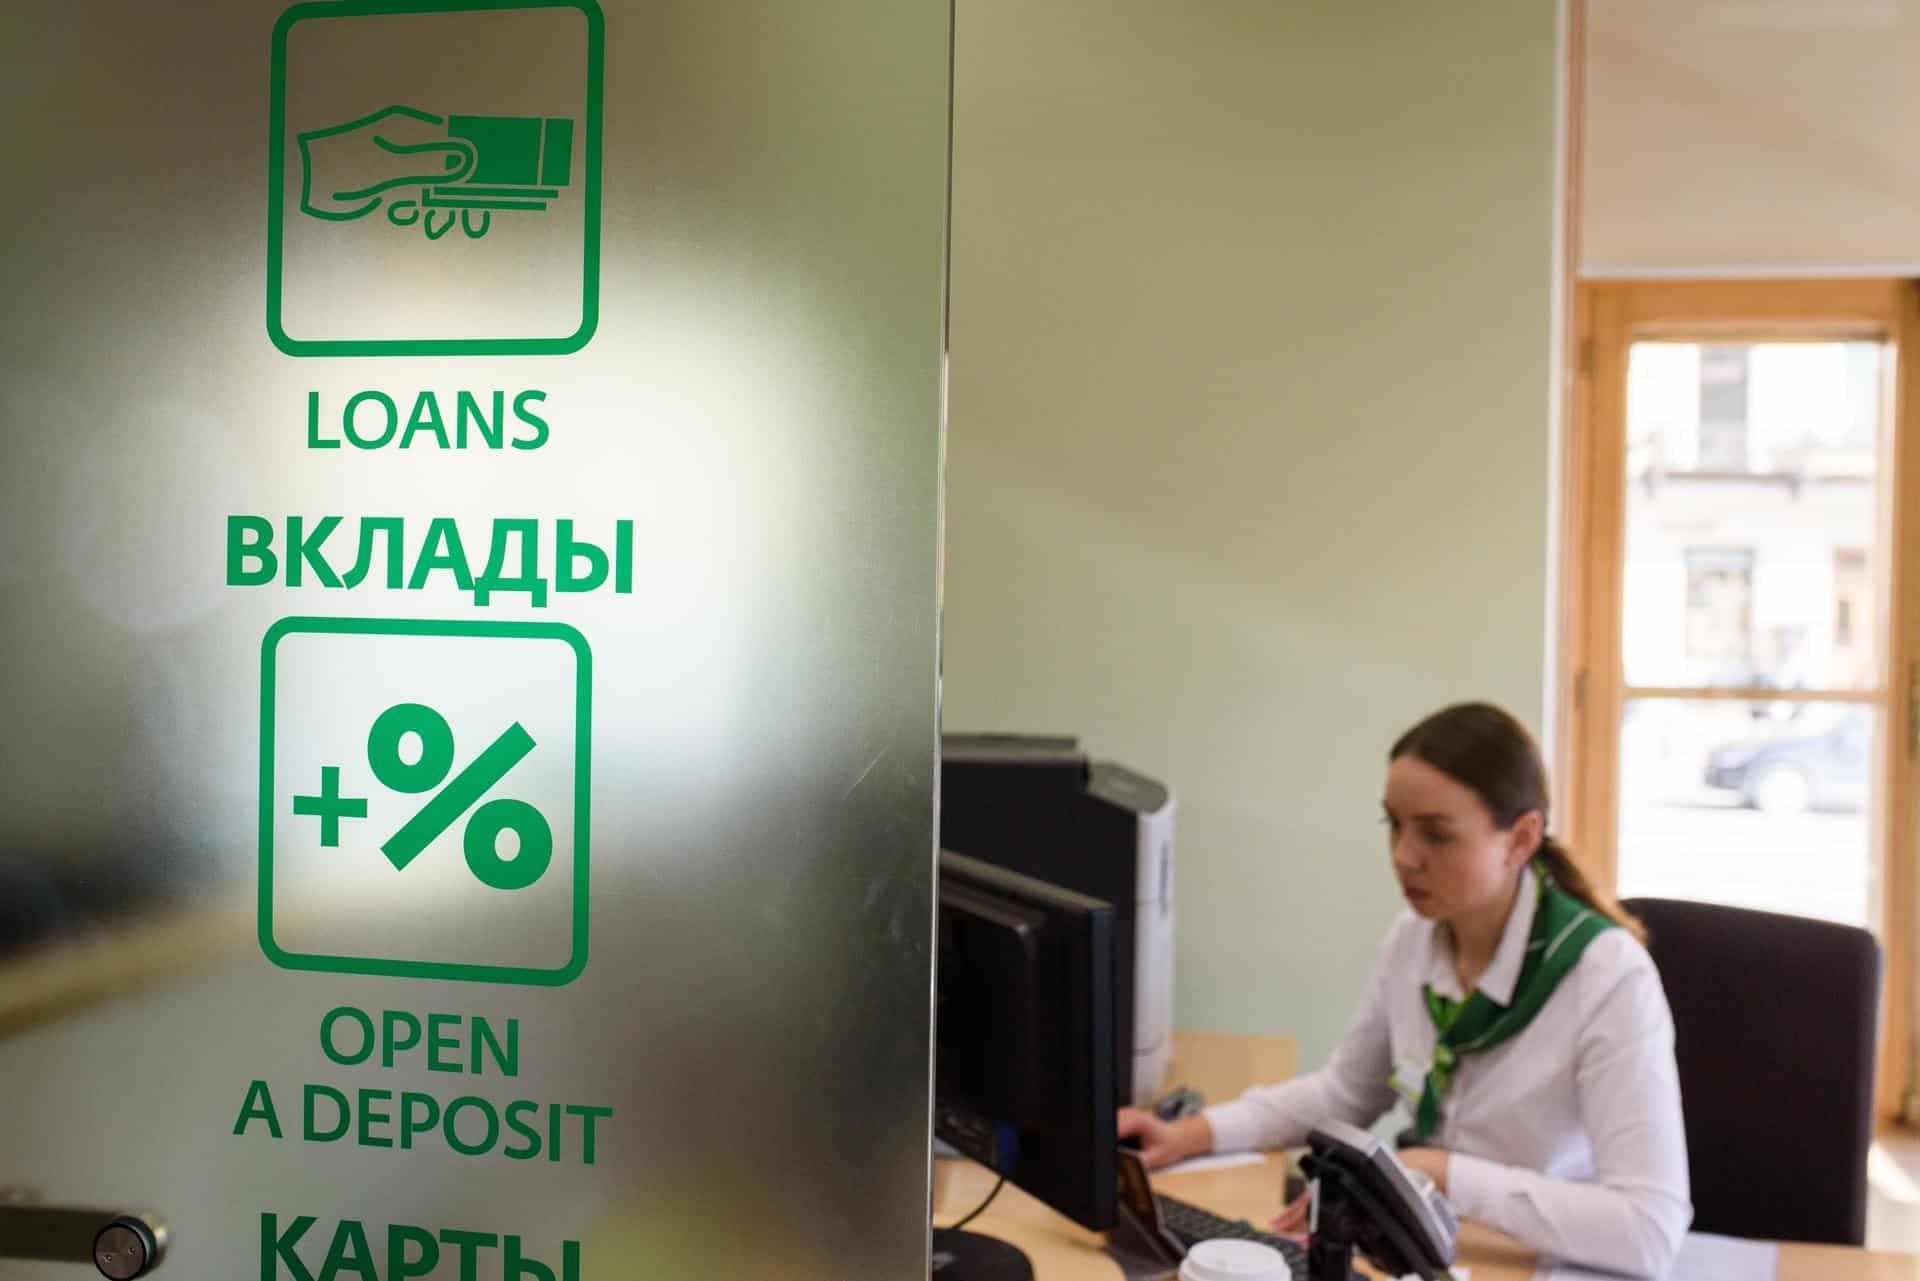 Новый вклад от Сбербанка «Выгодный старт» с максимальной процентной ставкой